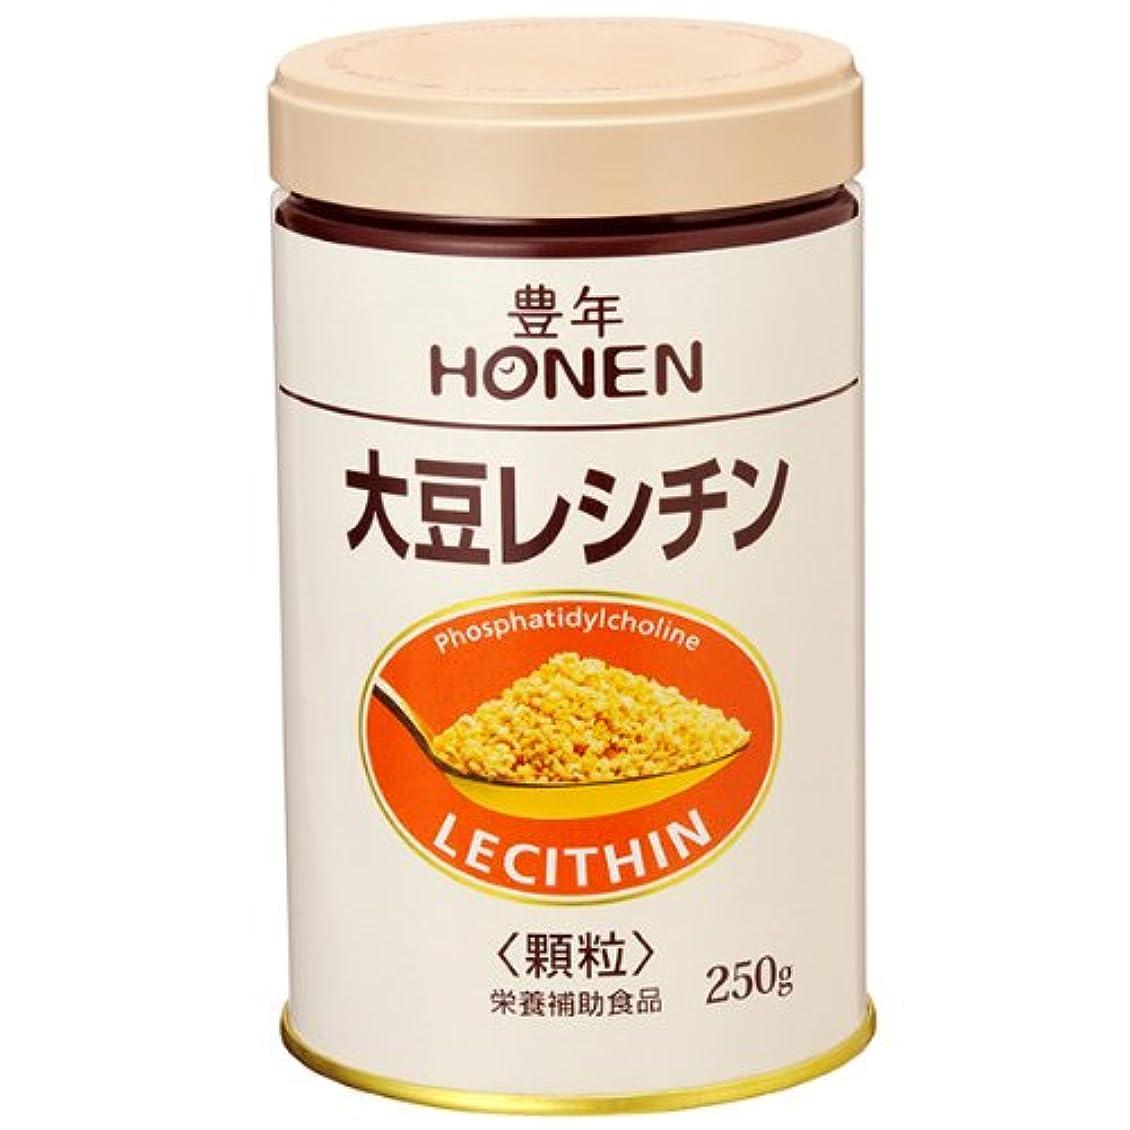 気楽な解読する対話豊年 大豆レシチン(顆粒250g缶)